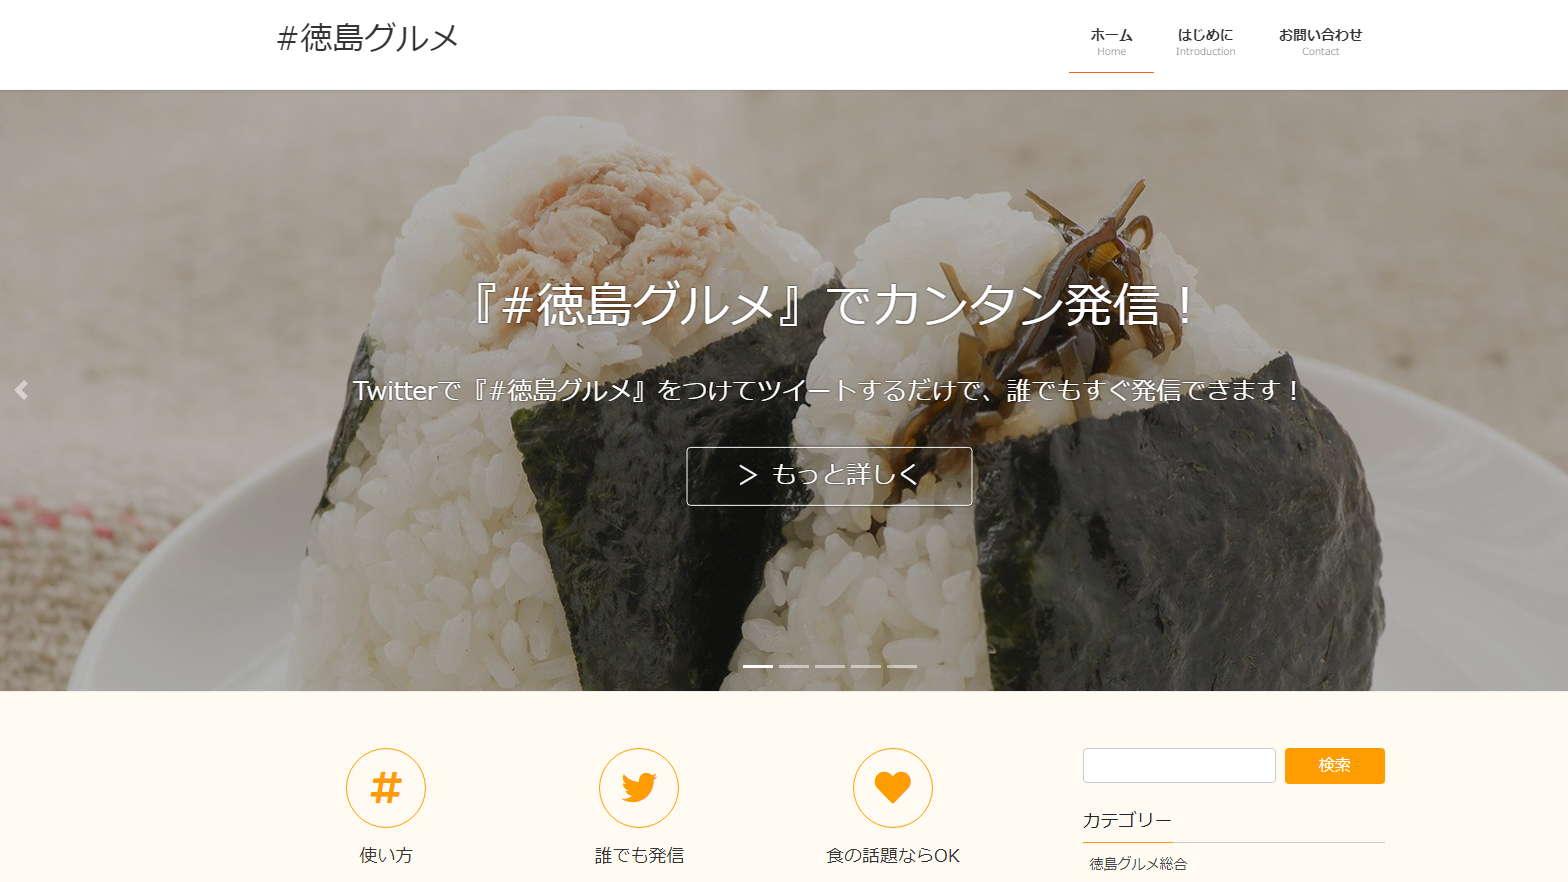 #徳島グルメ カワセミデザイン舎 コロナ